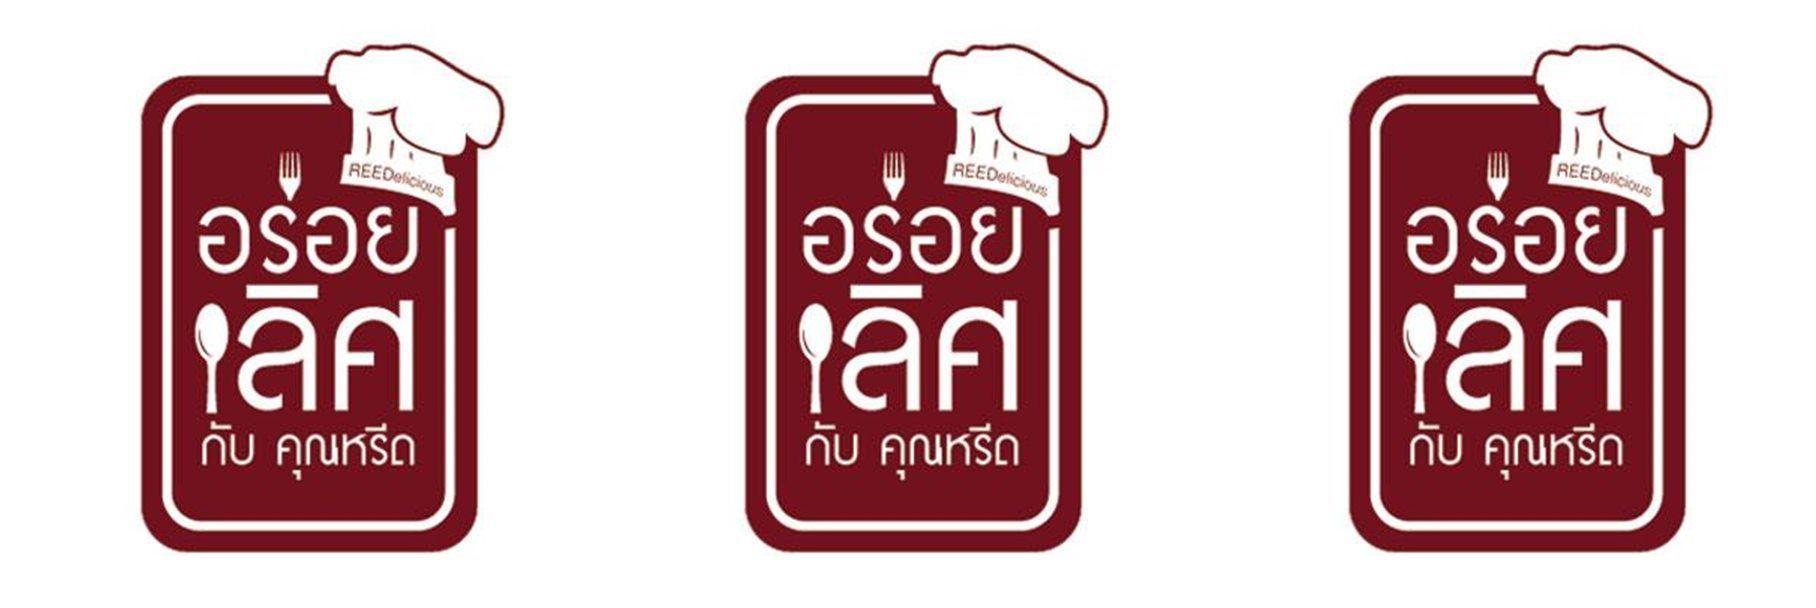 ดูรายการย้อนหลัง ปอเปี๊ยะฮ่องเต้ เมนูเด็ดครัวชายคลอง | อร่อยเลิศกับคุณหรีด | 17 เม.ย. 62